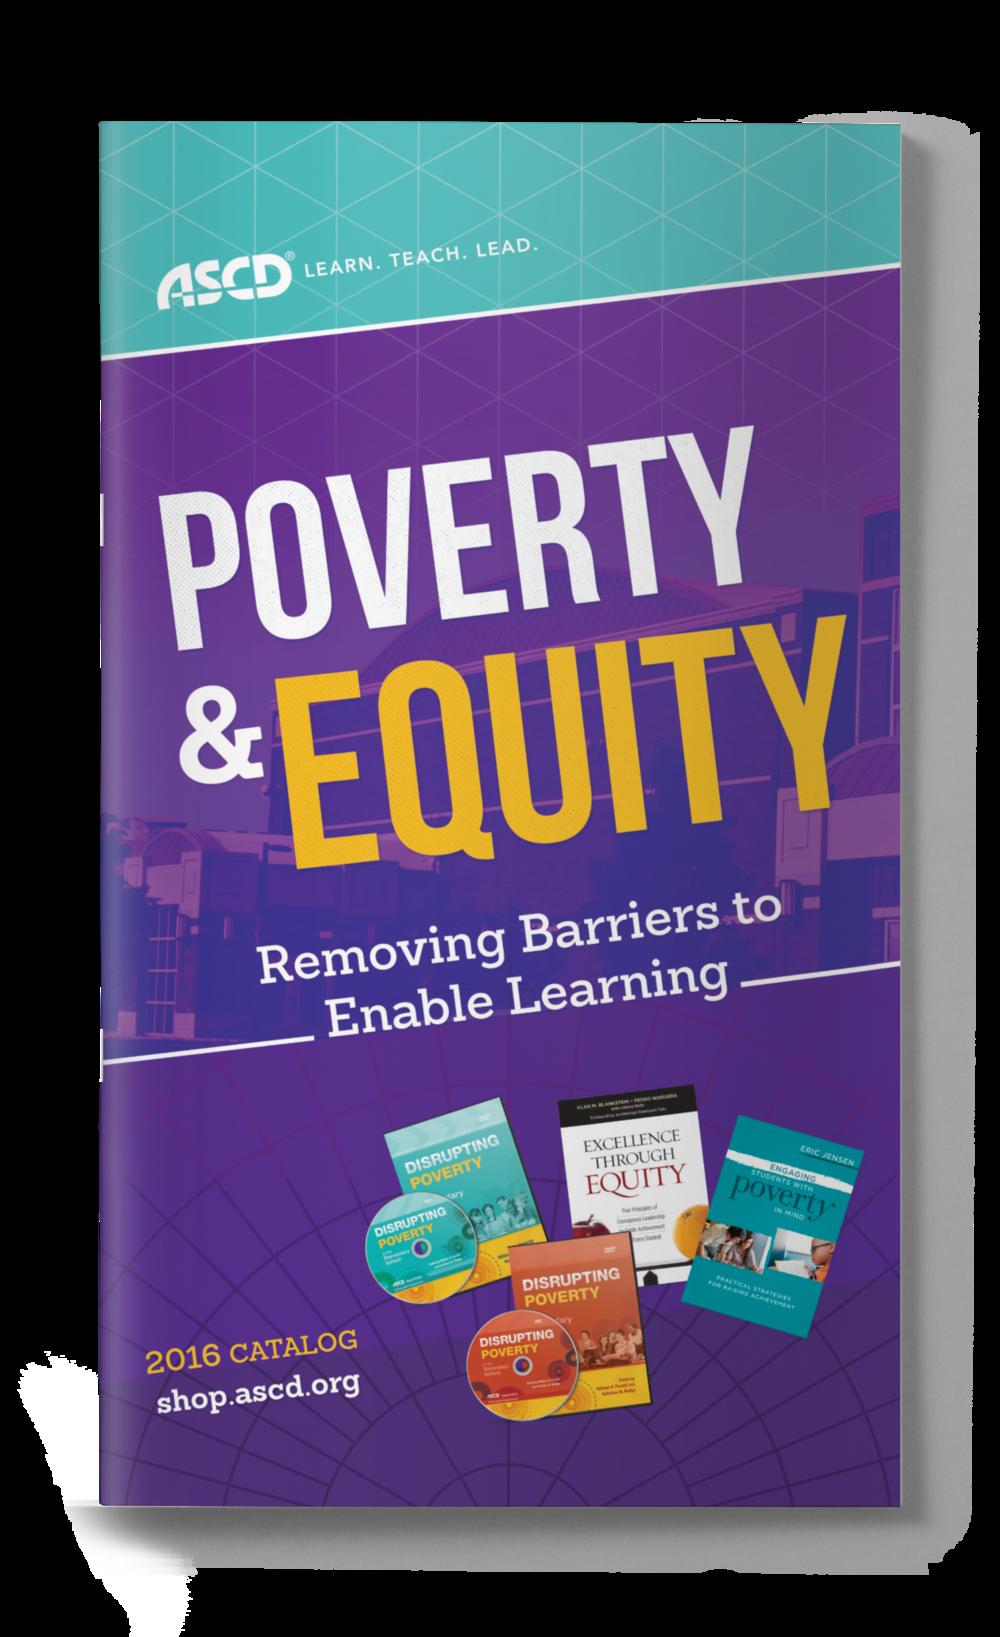 povertyequitycatalog.png